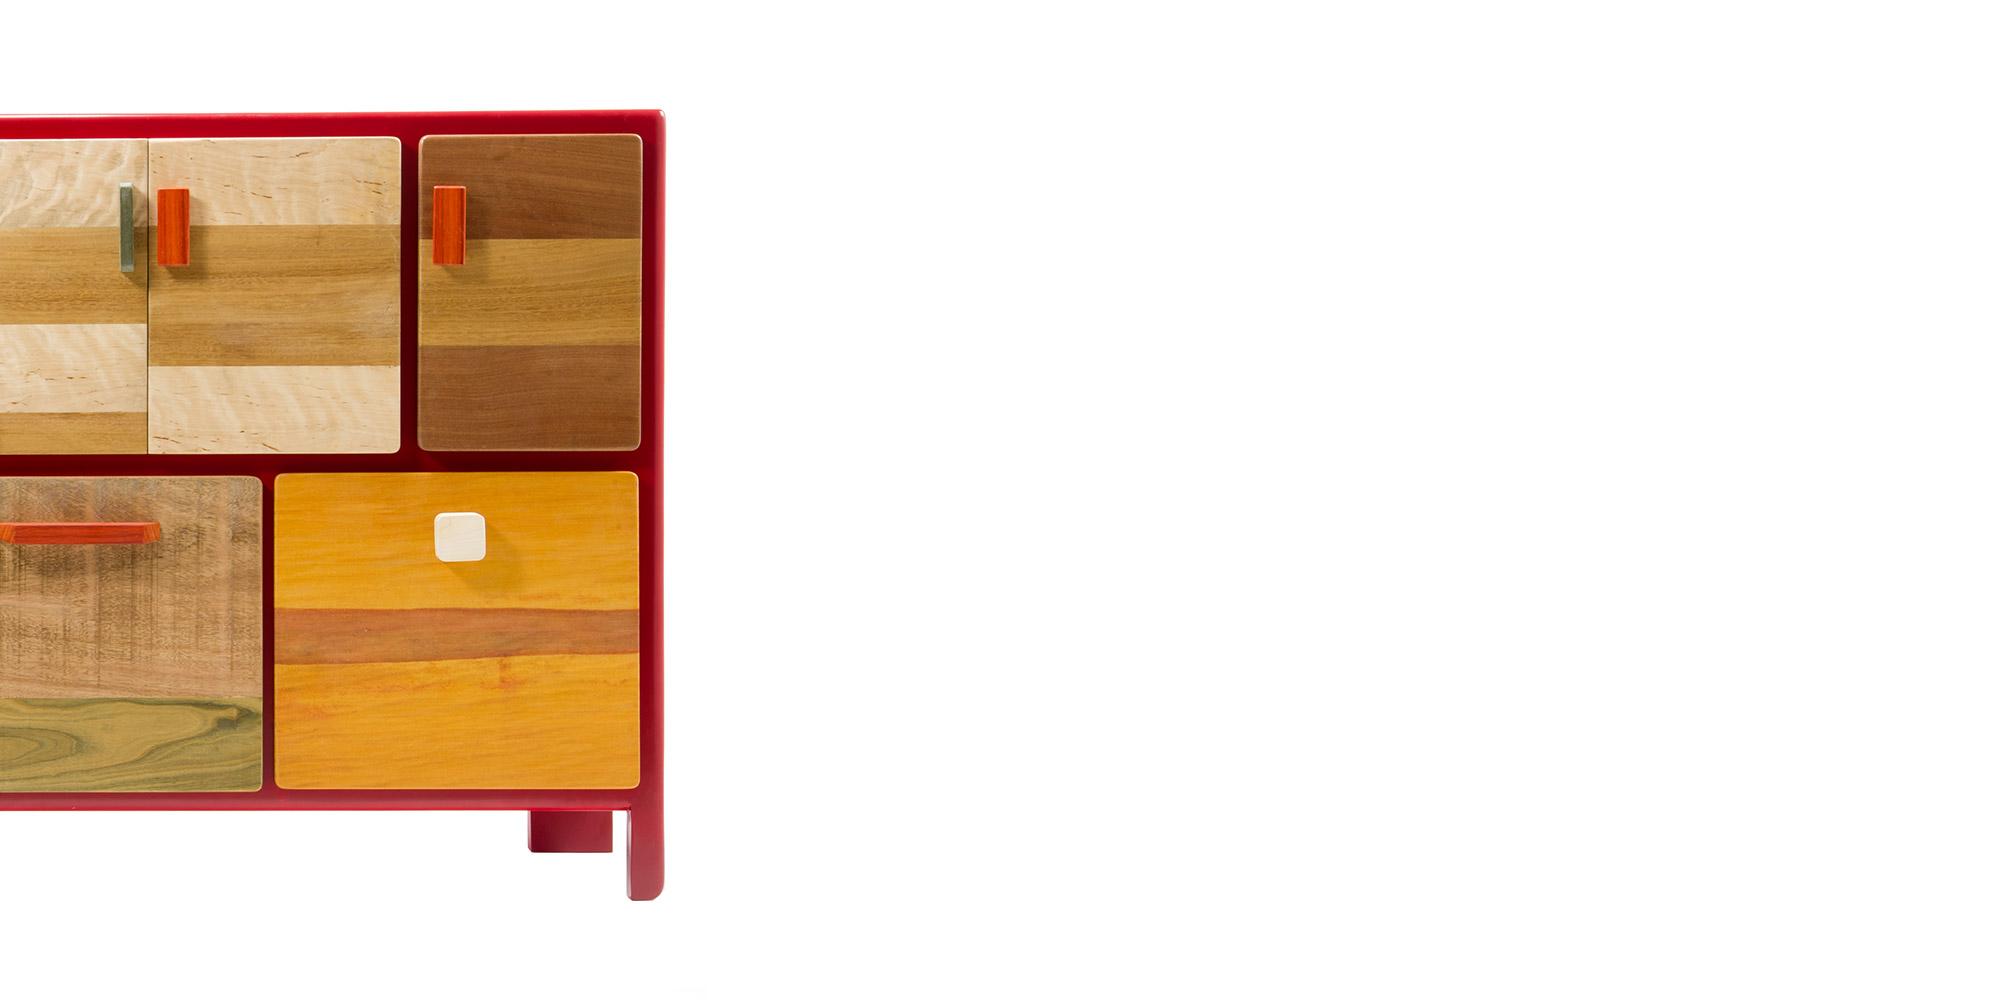 madia cassettiera in legno massello e laccatura rossa